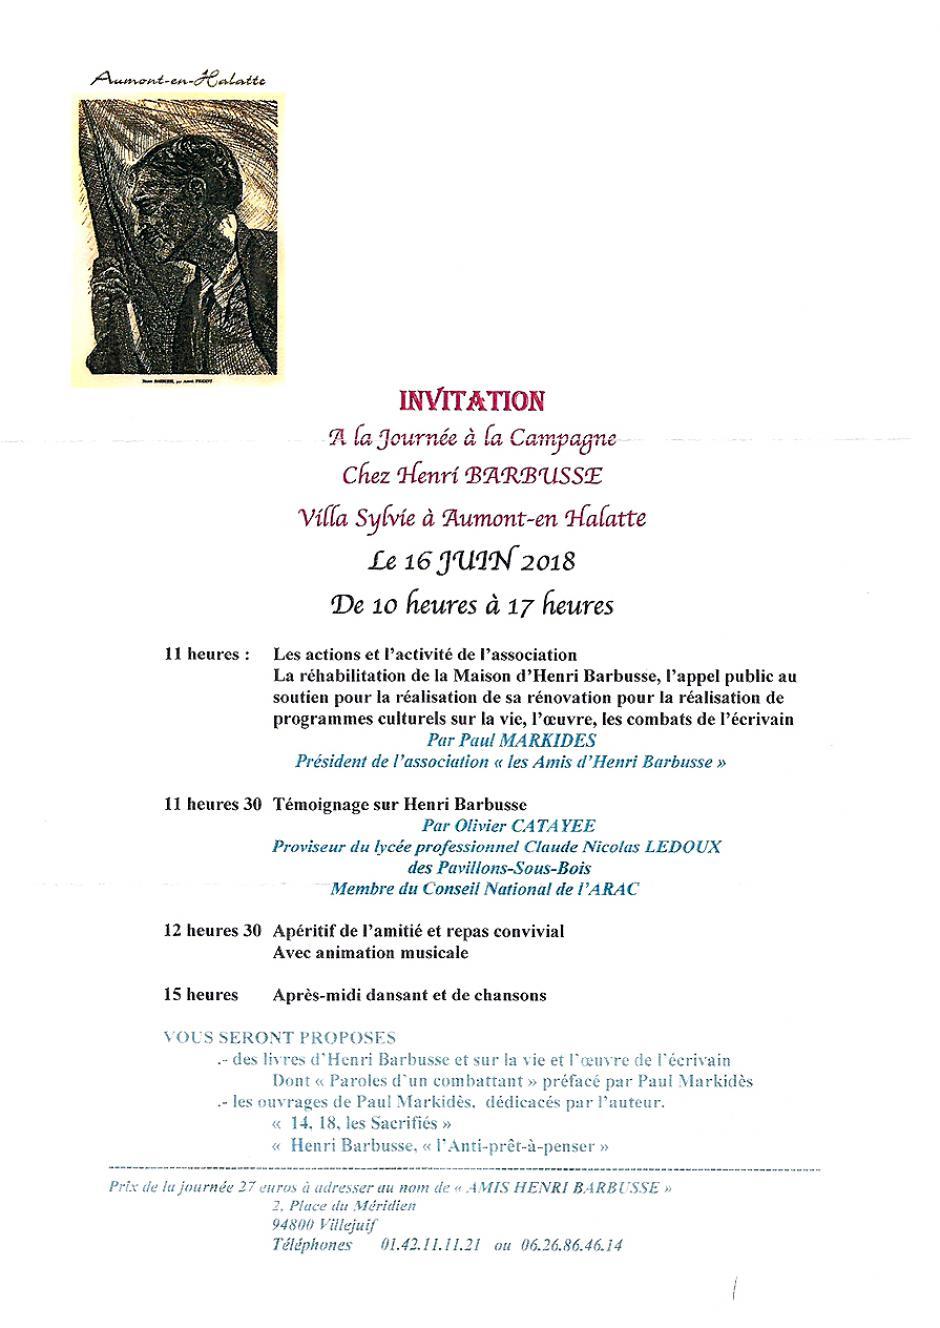 16 juin, Aumont-en-Halatte - Les Amis d'Henri Barbusse-La Journée à la campagne avec Henri Barbusse